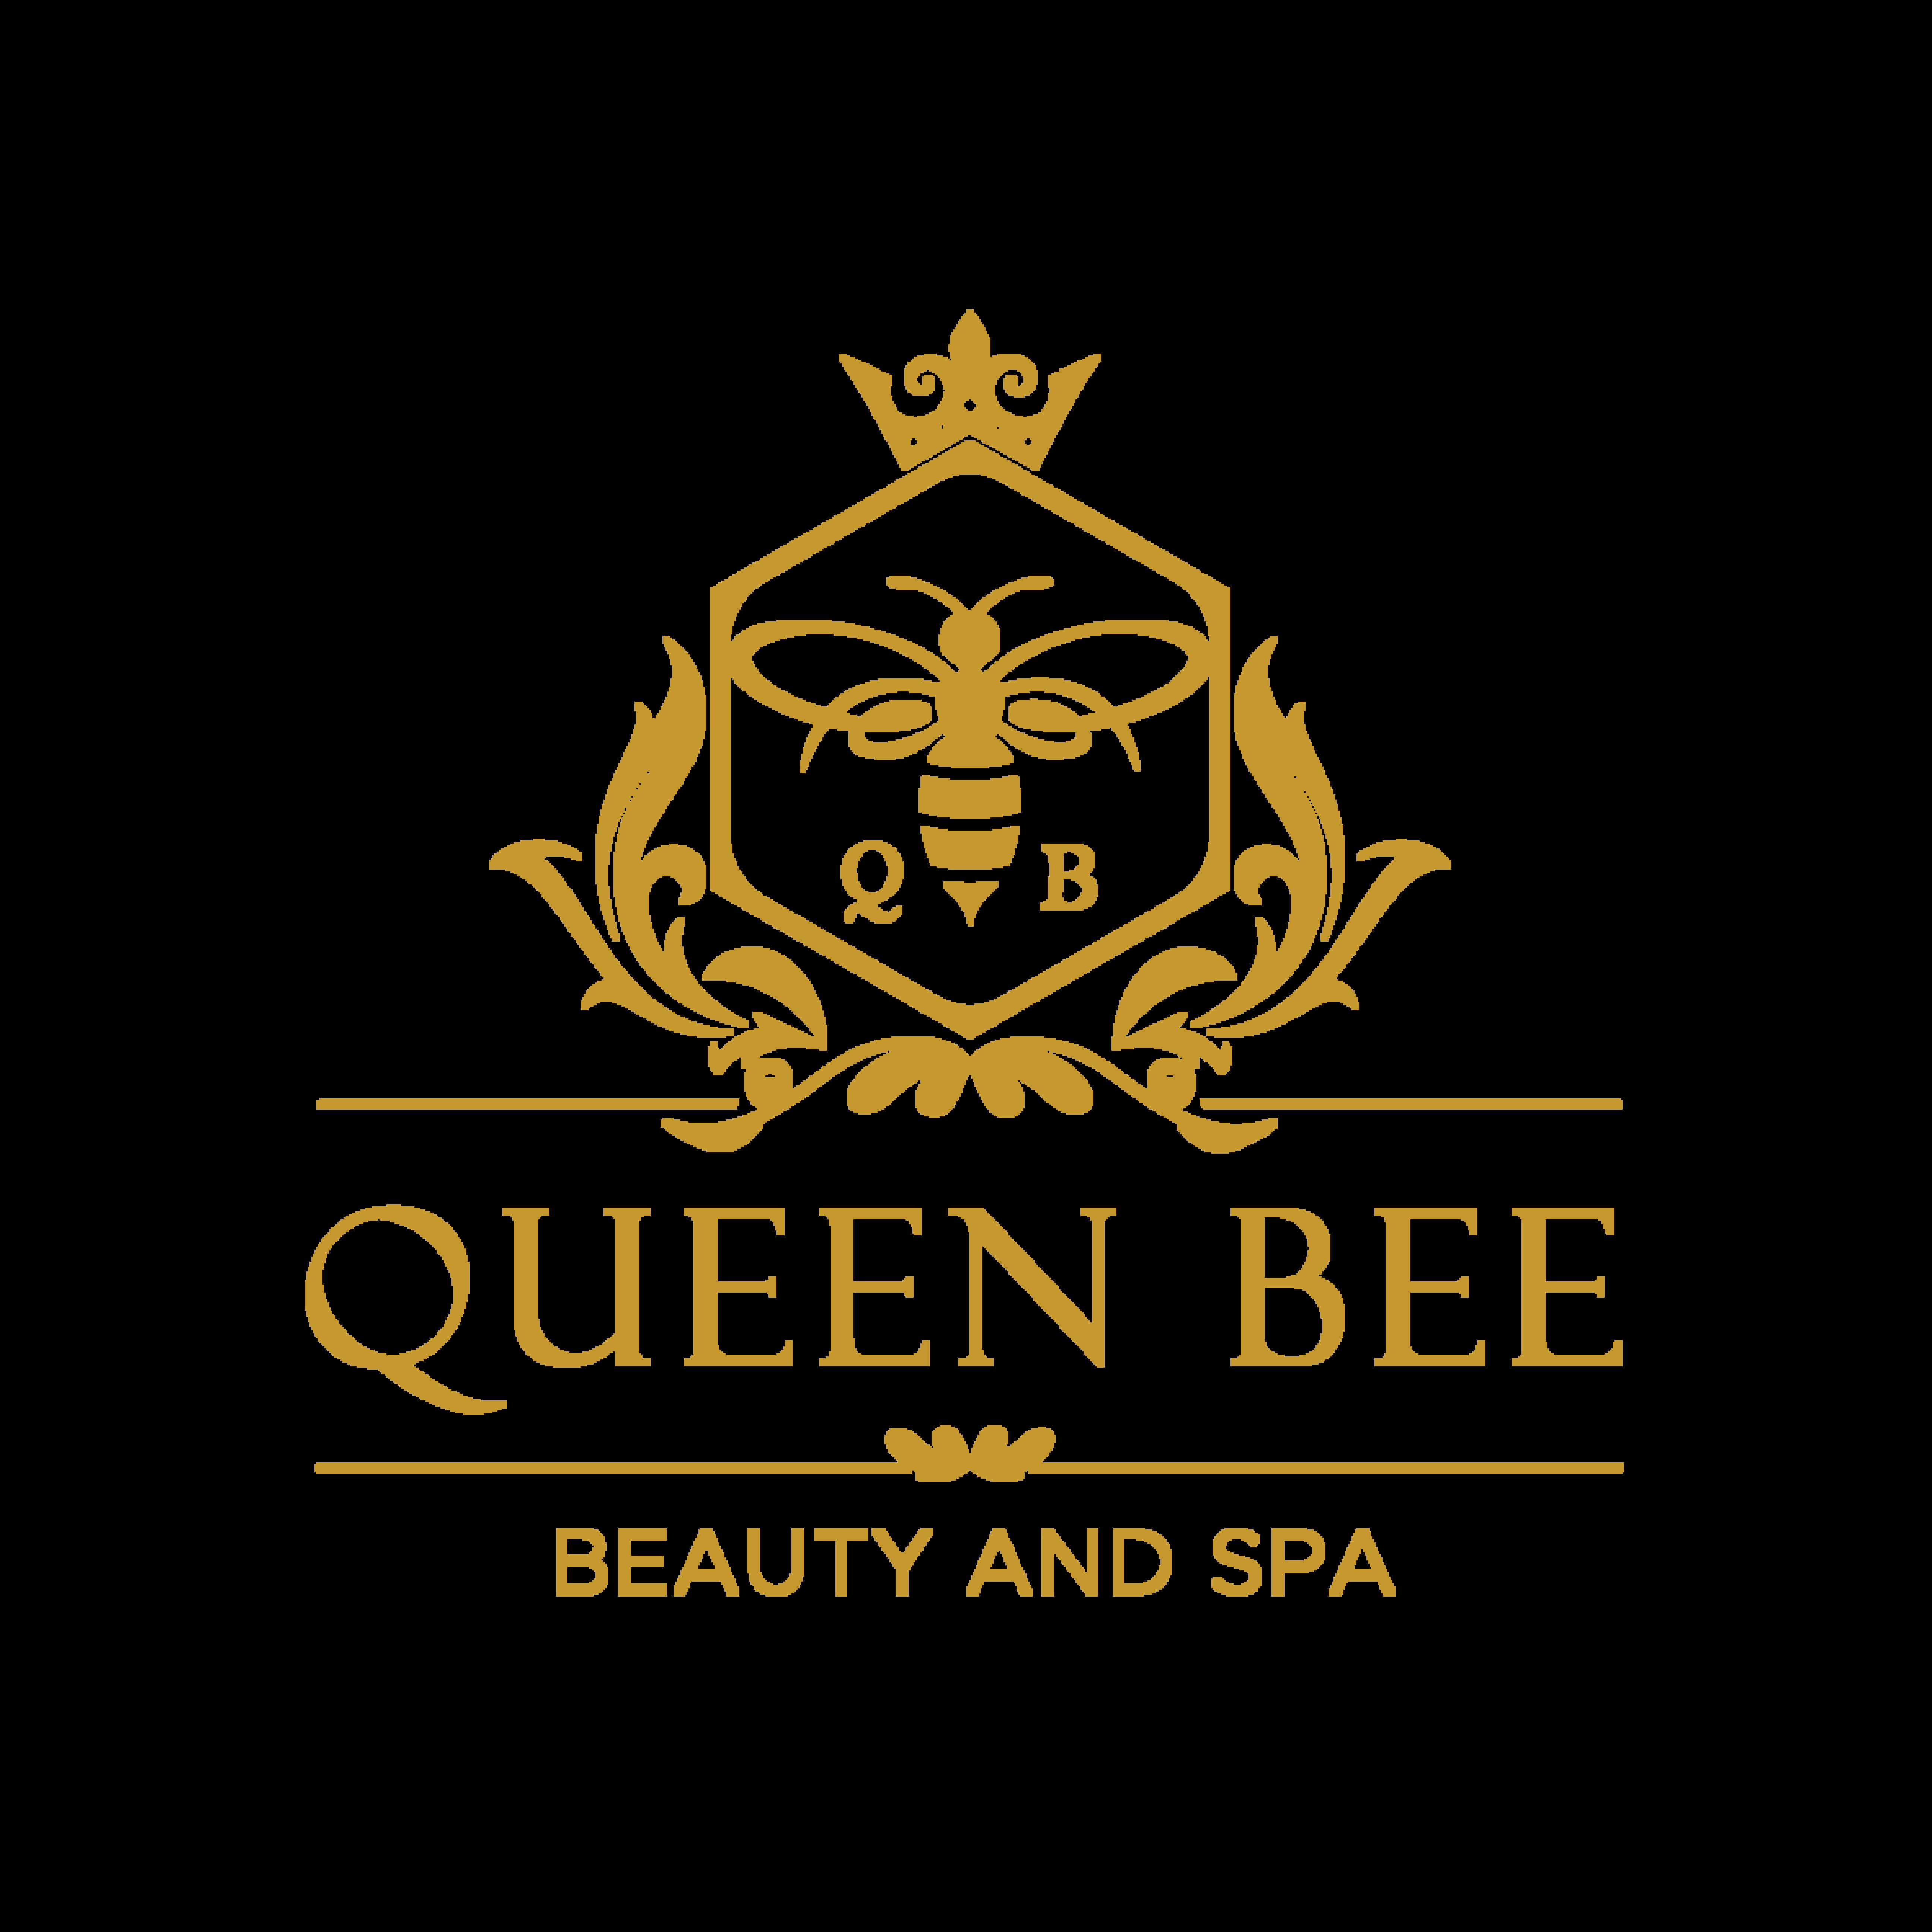 Queen Bee Beauty & Spa